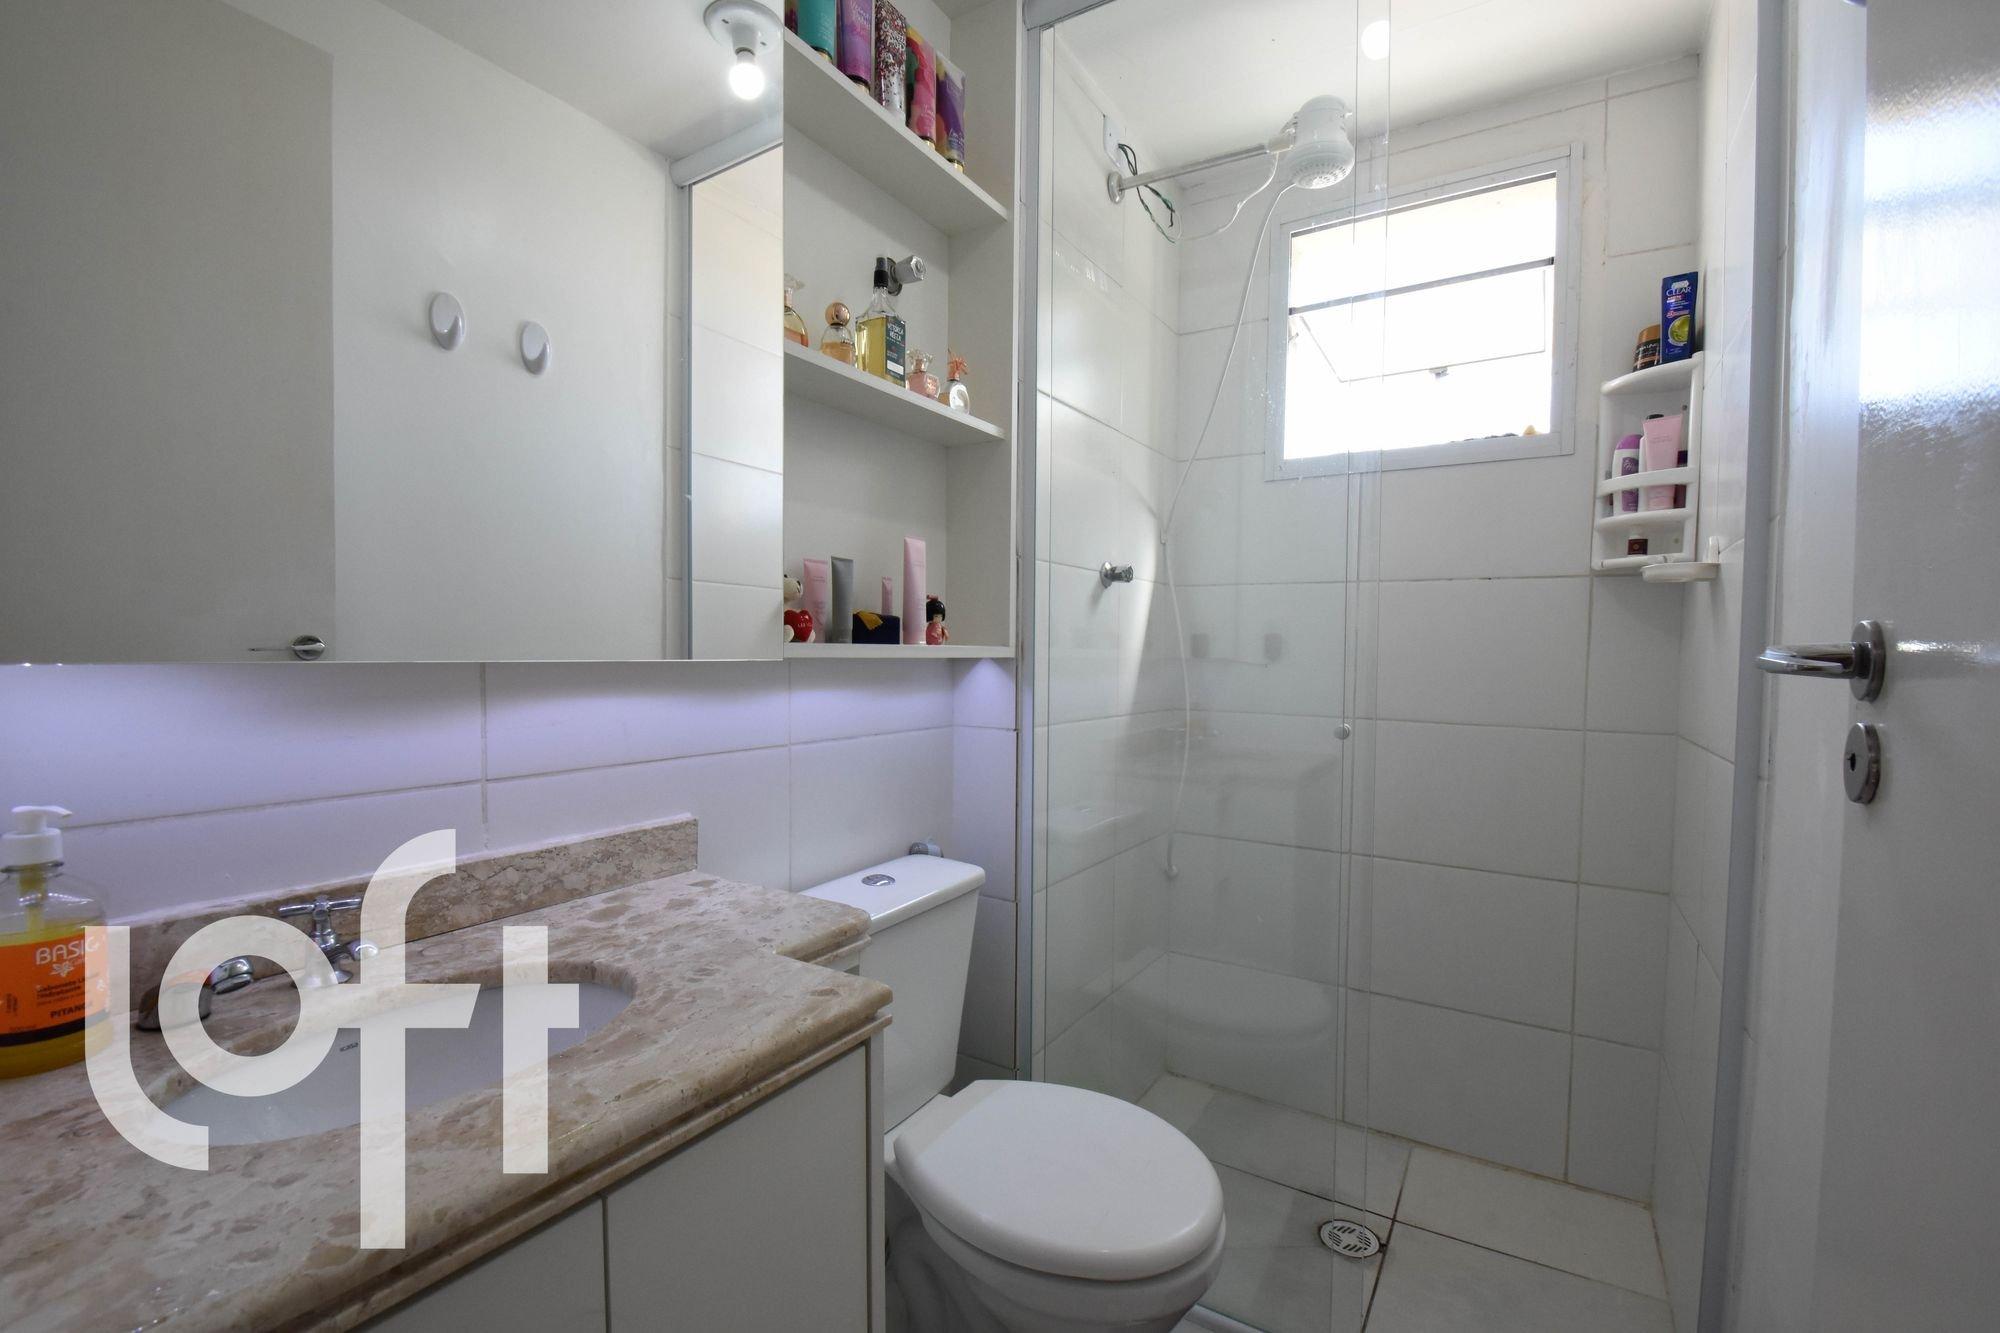 Foto de Banheiro com garrafa